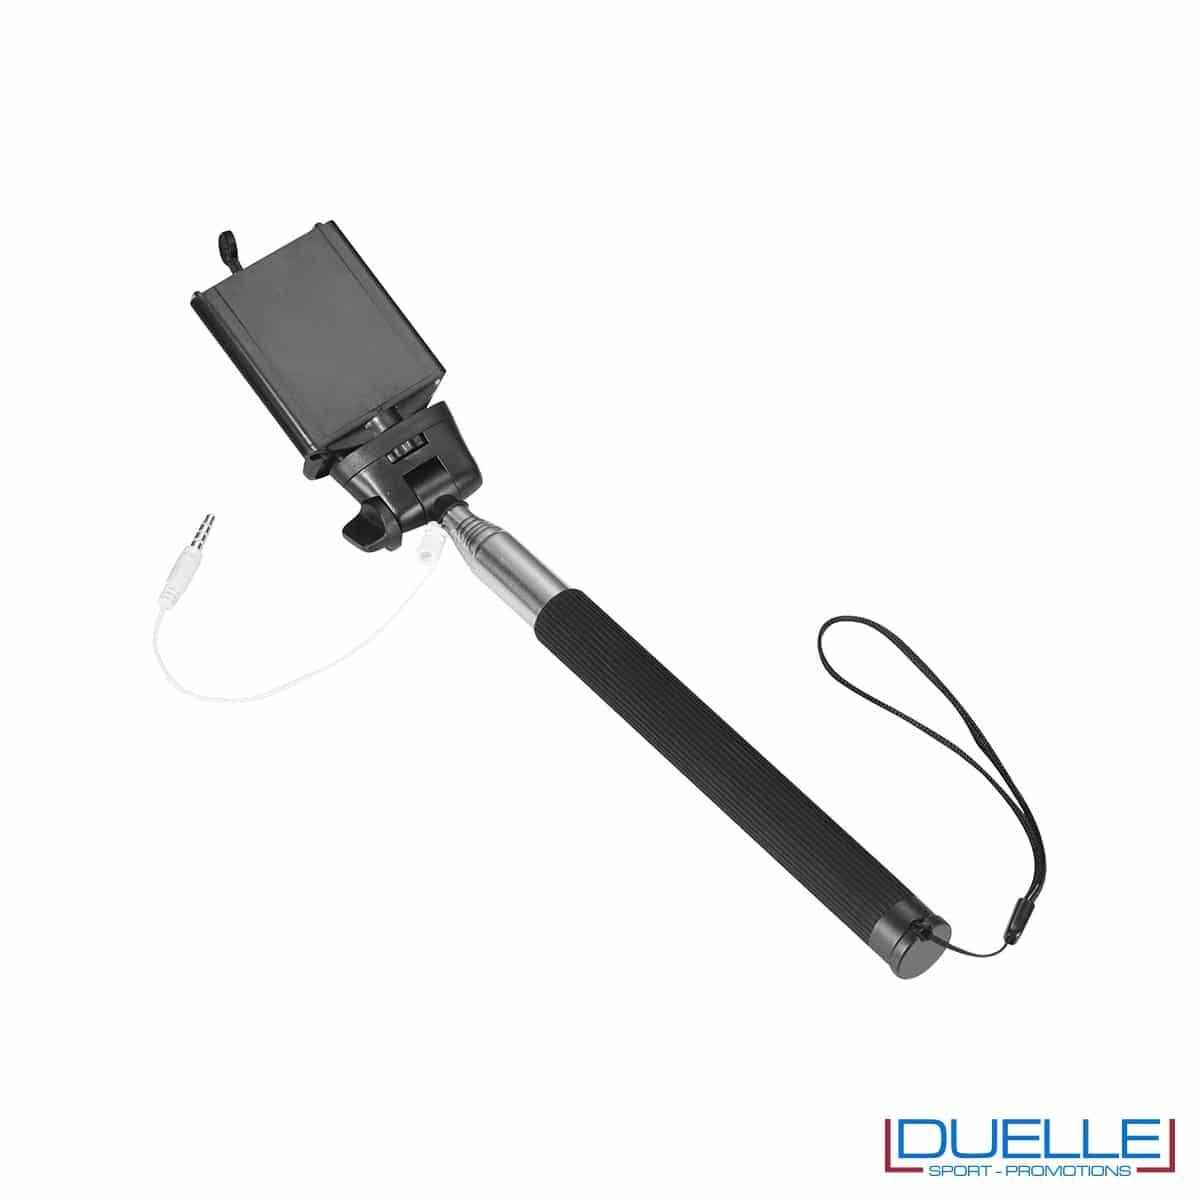 bastone per selfie personalizzato in colore nero, articoli promozionali per smartphone personalizzati in colore nero